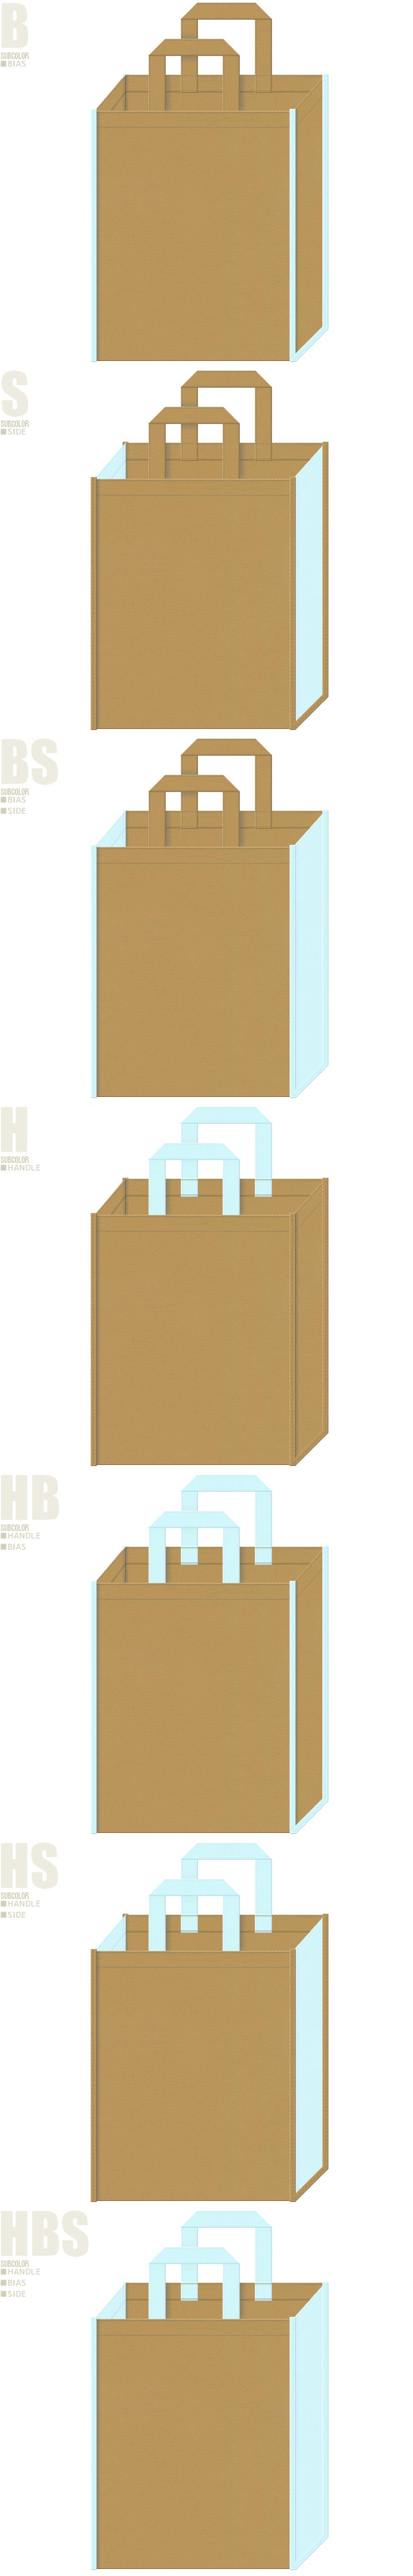 不織布バッグのデザイン:金黄土色と水色の配色7パターン